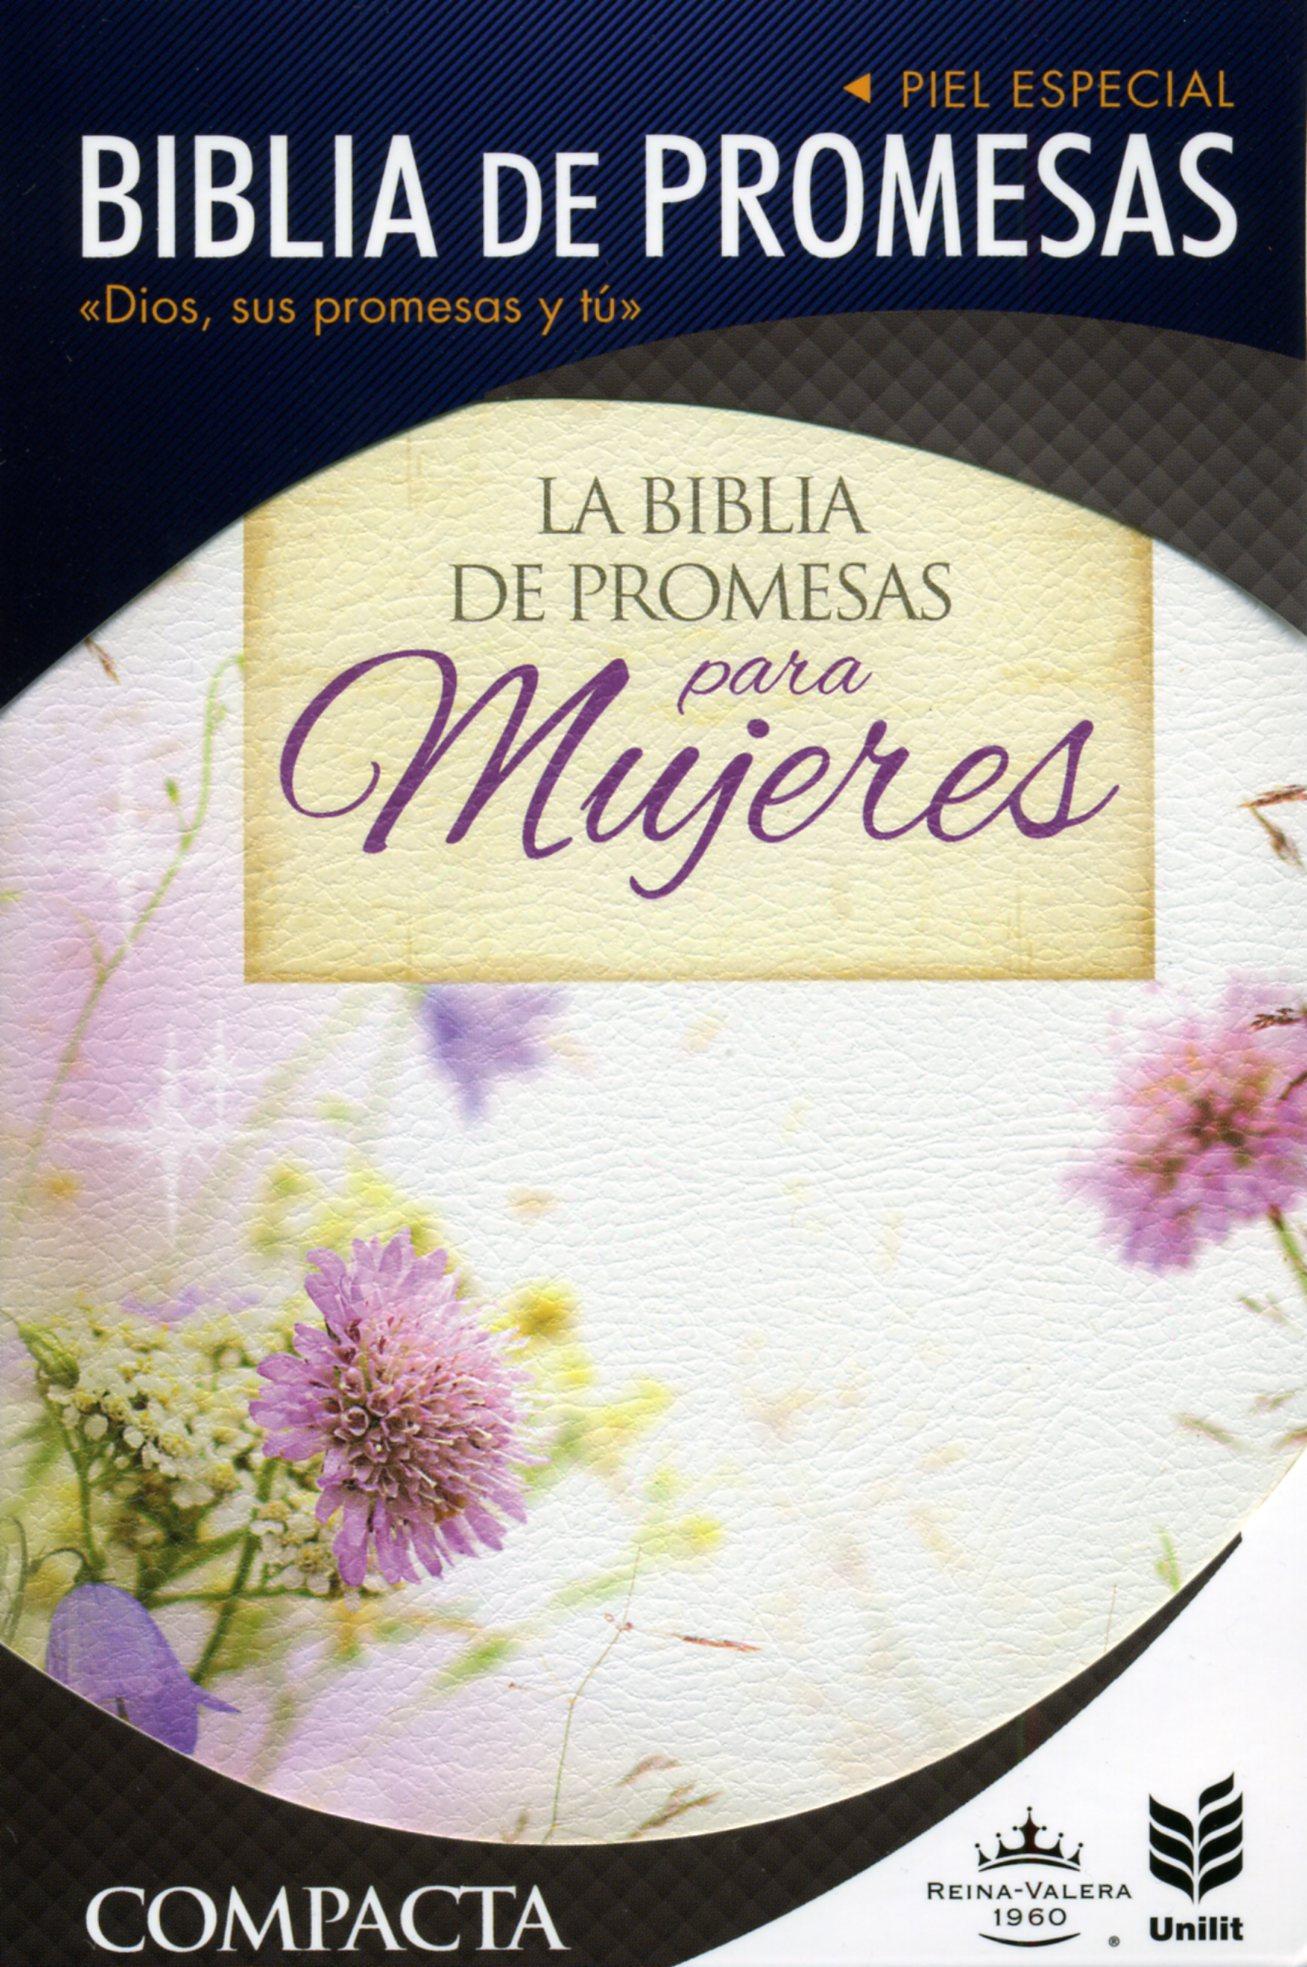 Biblia De Promesas Compacta Floral-Piel Especial